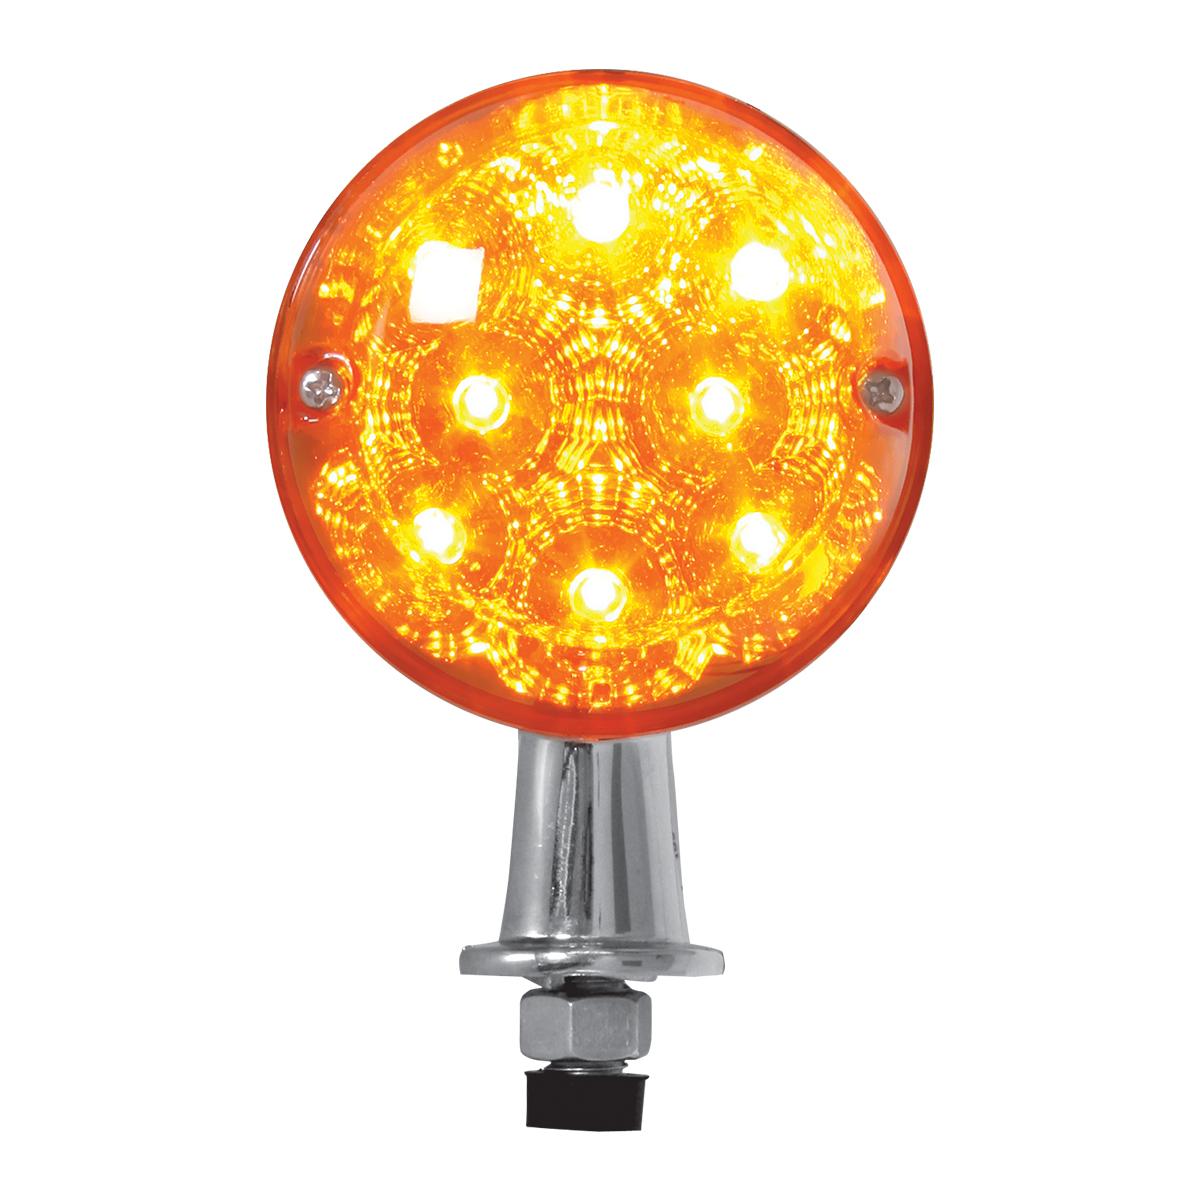 77800 Single Face Honda Spyder LED Pedestal Light in Amber/Amber